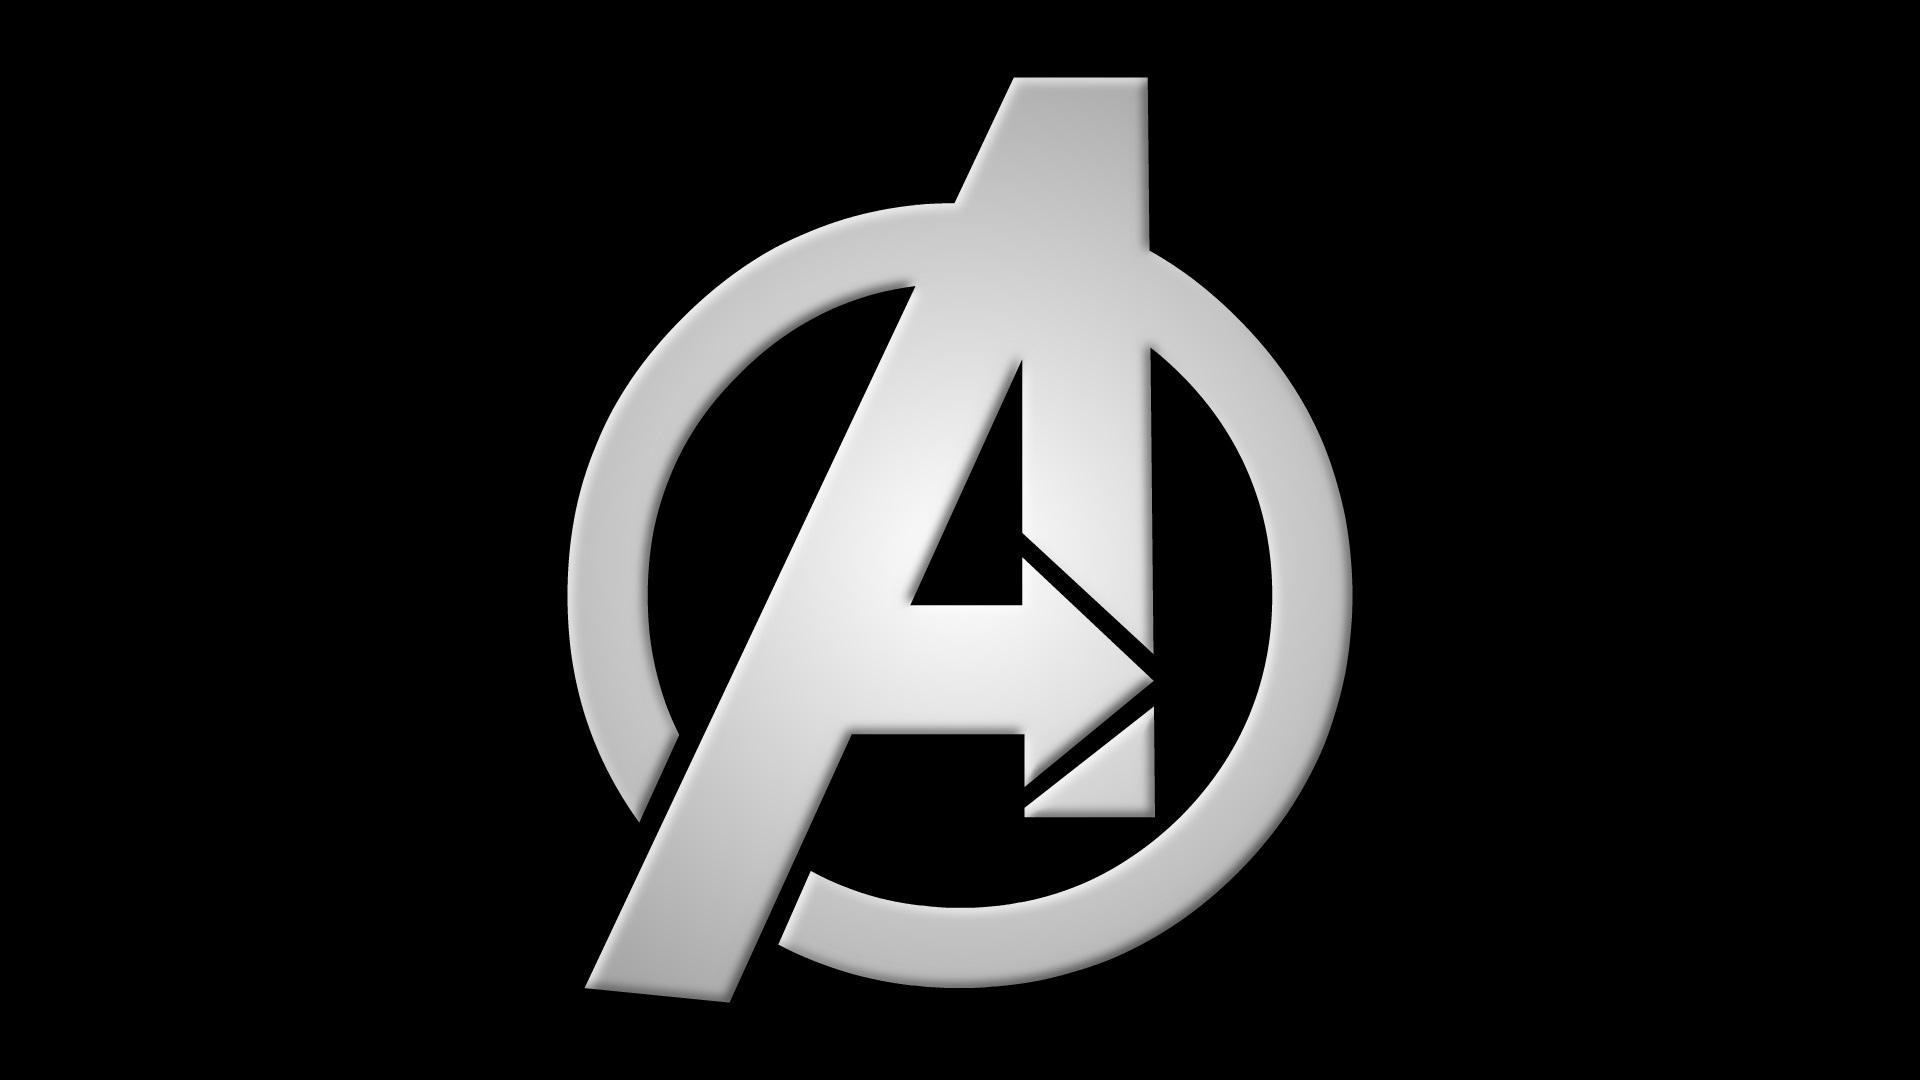 Avengers_Symbol.jpg